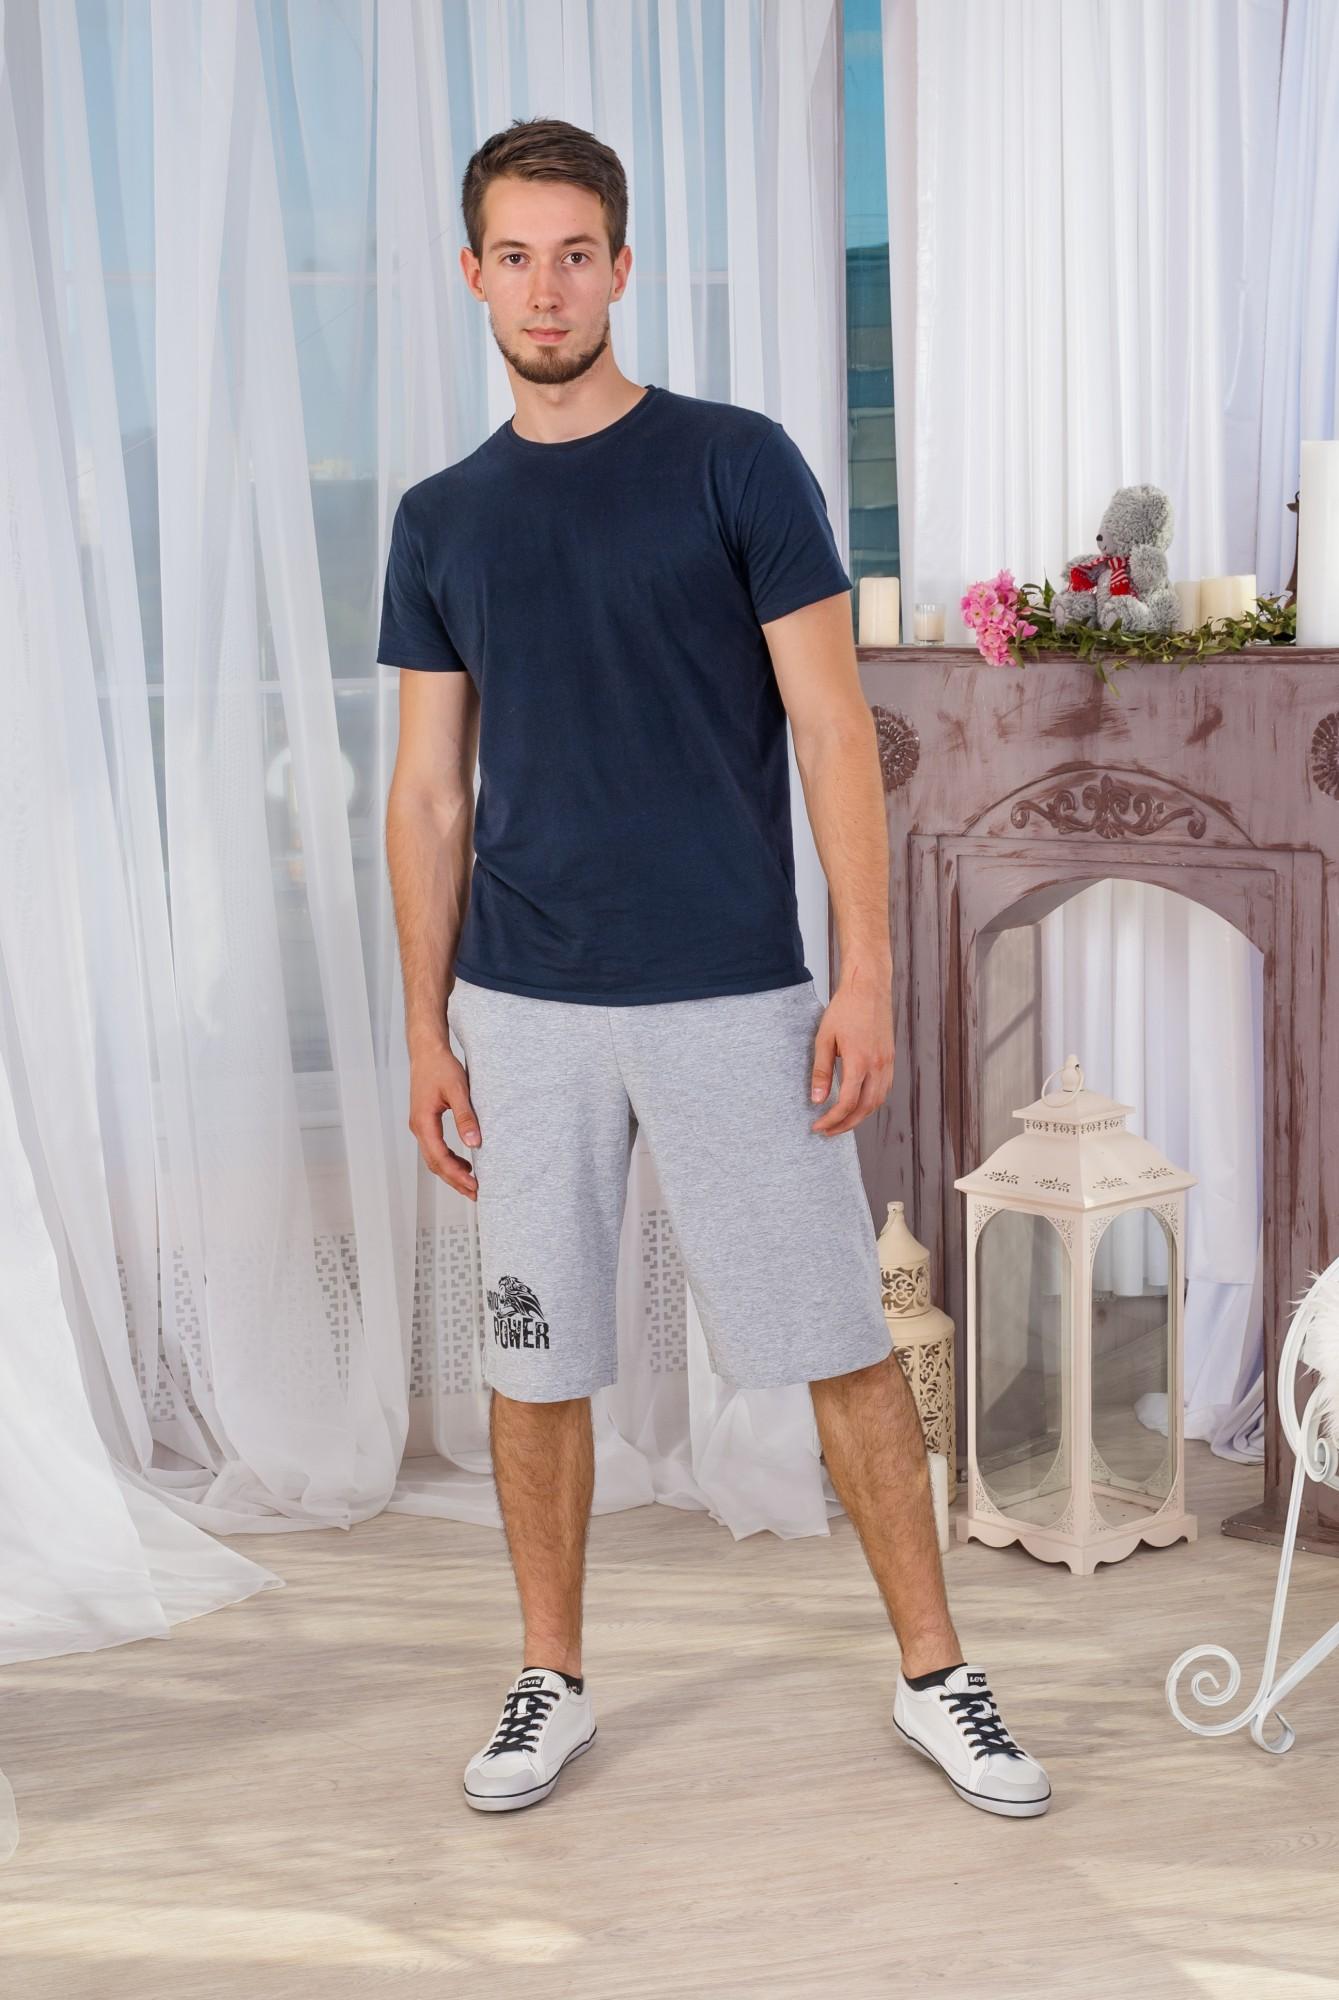 Шорты мужские Летние удлиненныеБрюки, трико и шорты<br><br><br>Размер: 52